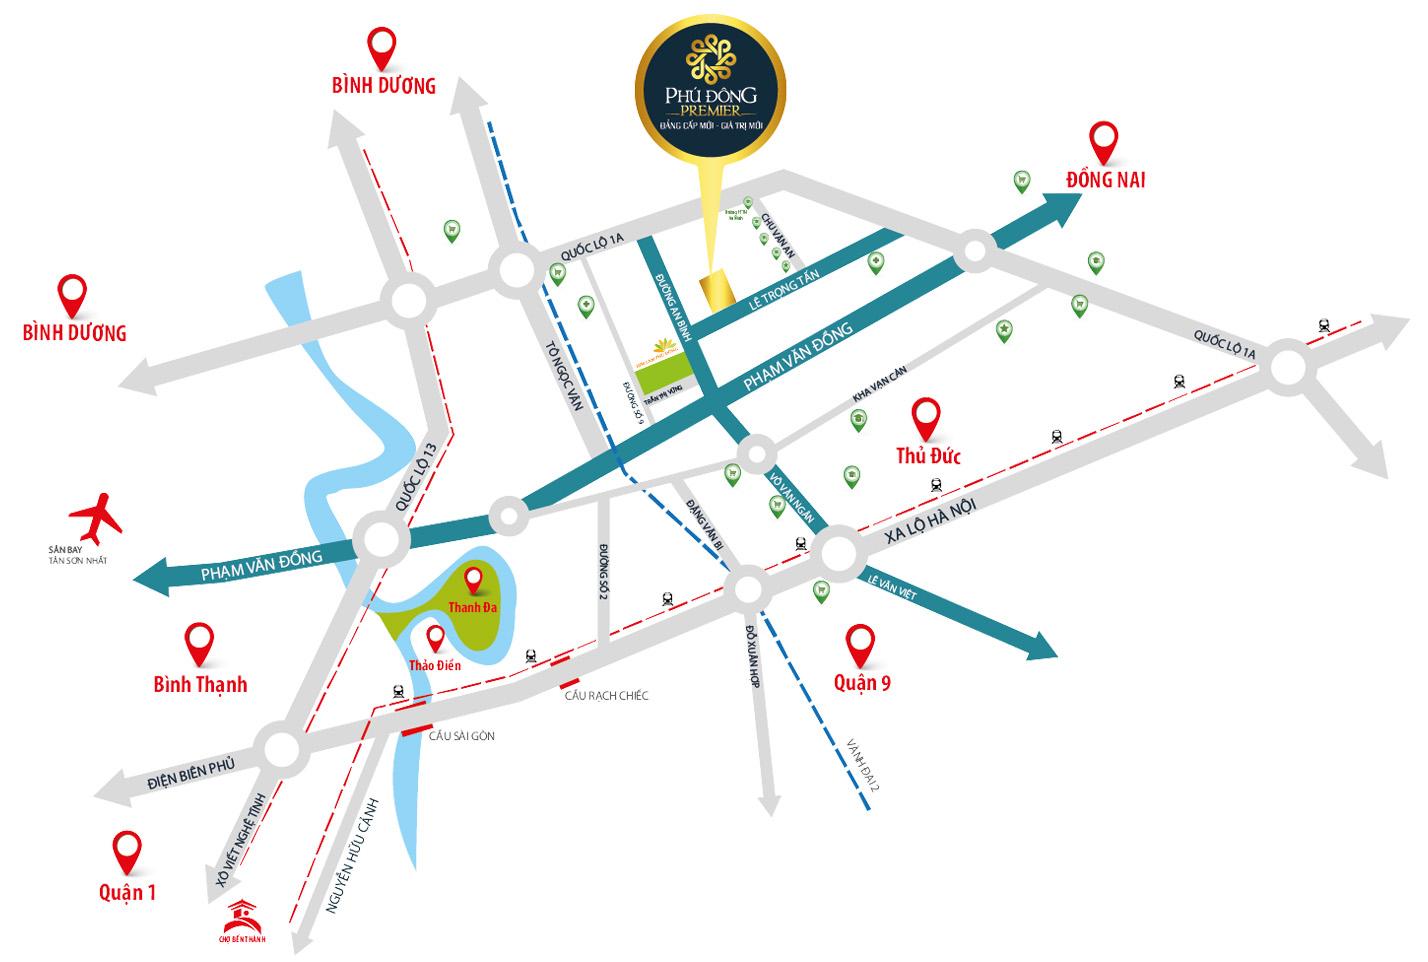 Vị trí dự án căn hộ chung cư Phú Đông Premier tại đường Lê Trọng Tấn